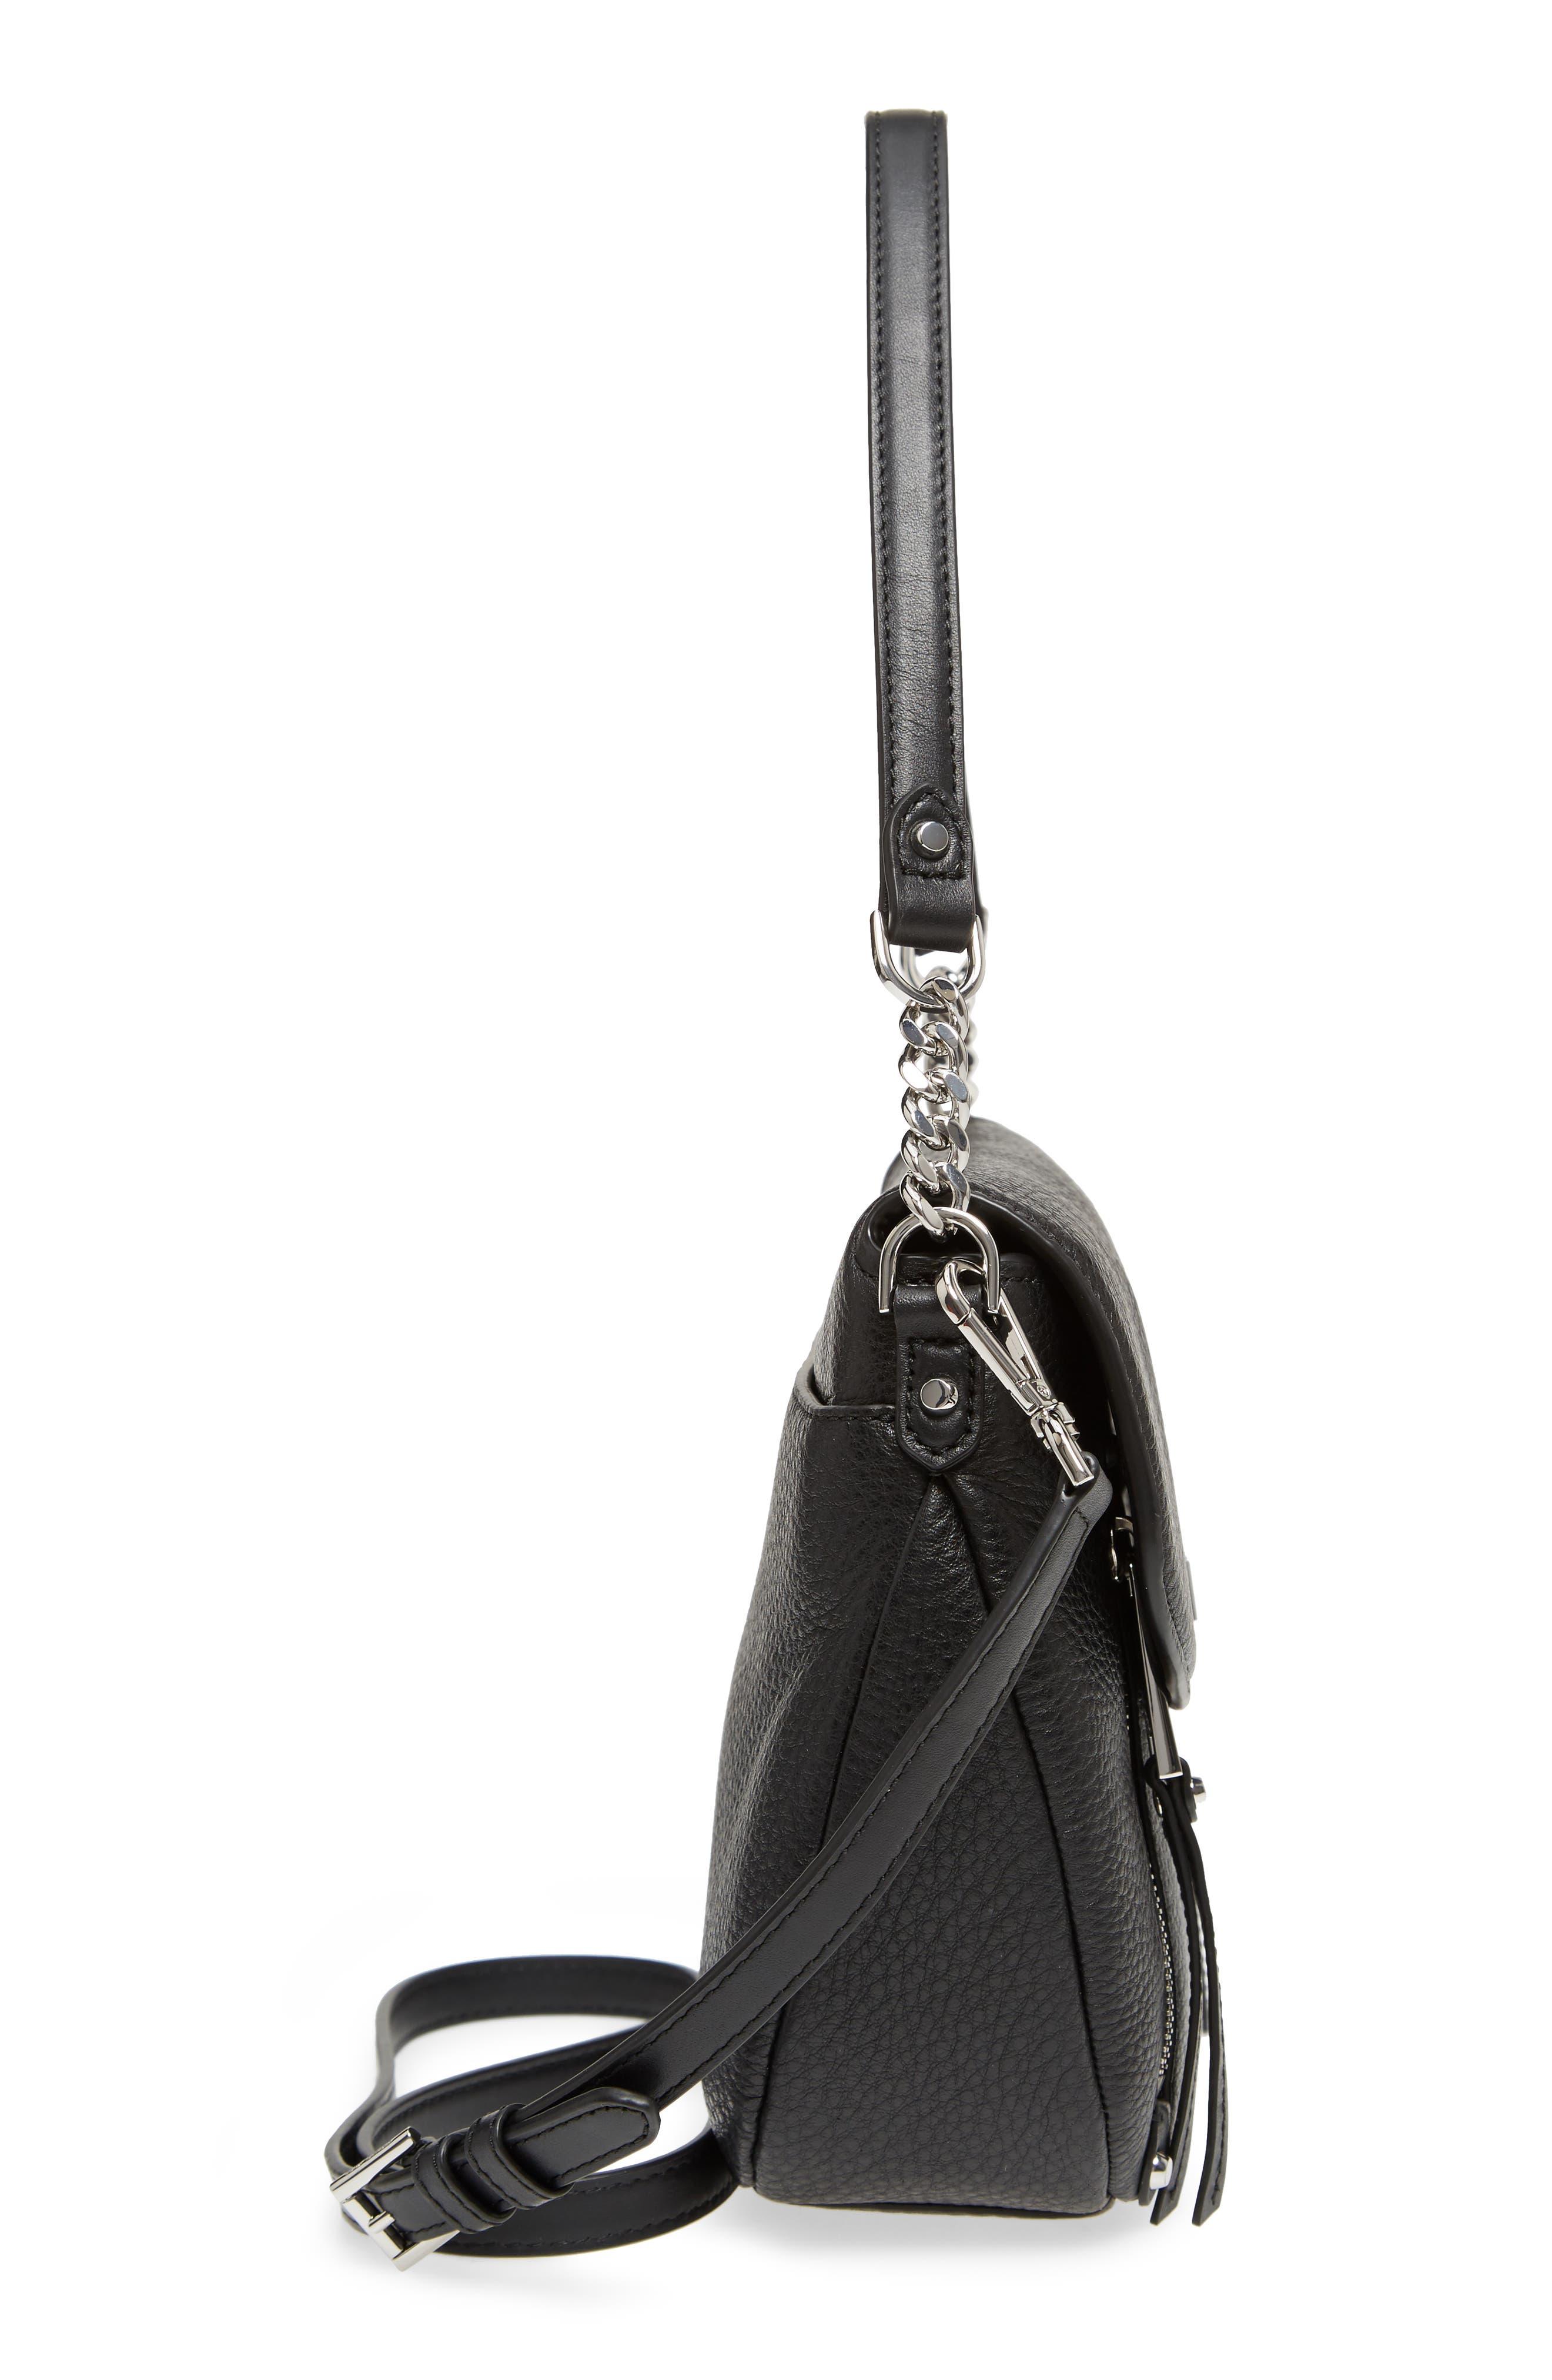 Medium Leather Shoulder Bag,                             Alternate thumbnail 5, color,                             Black